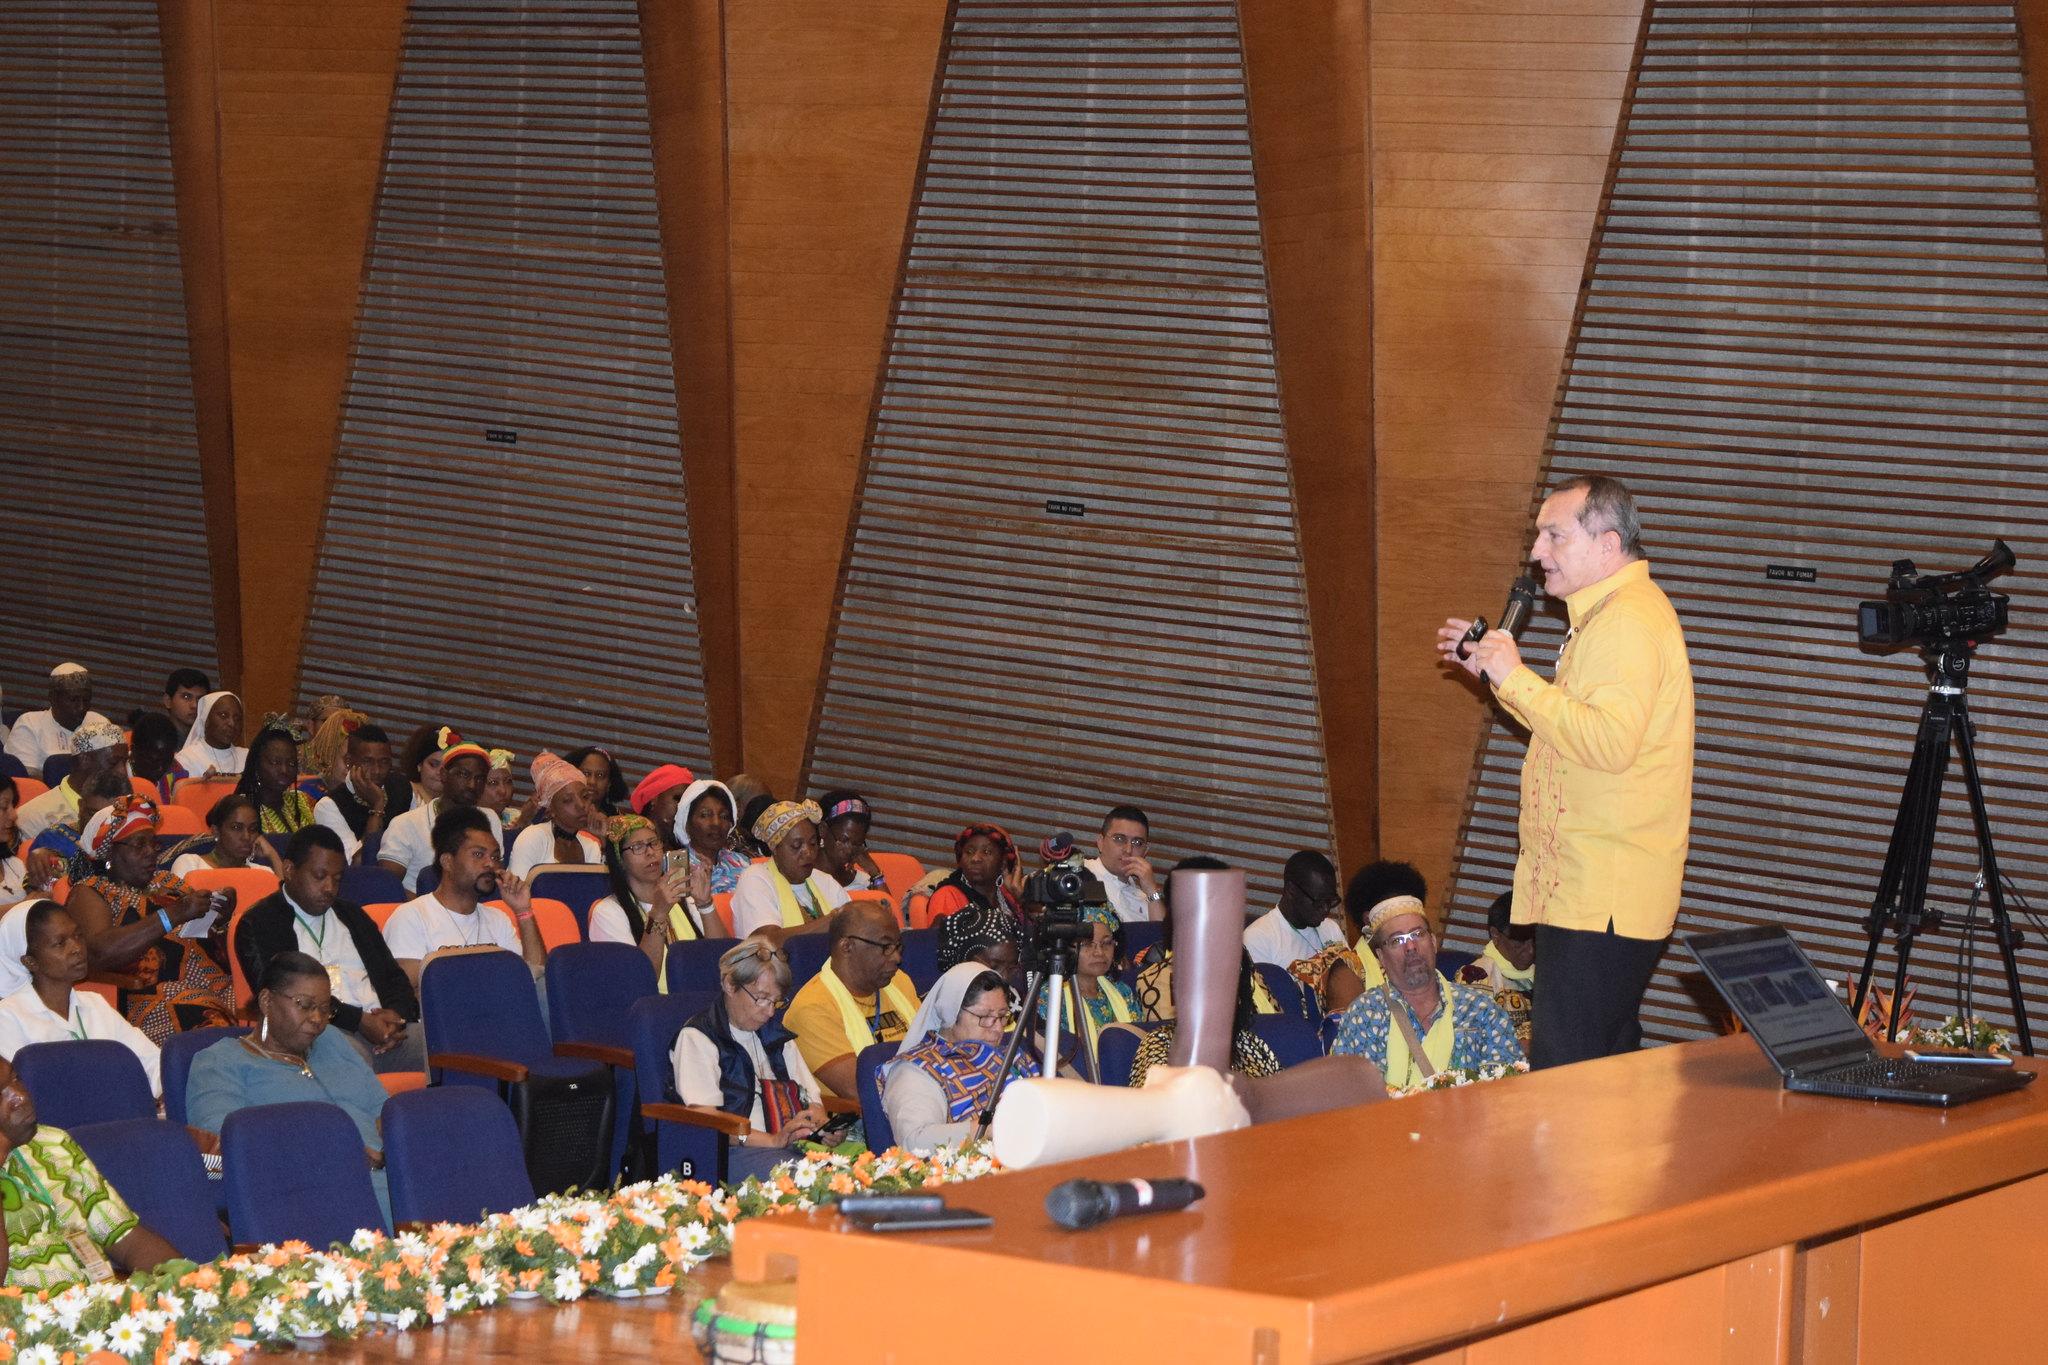 Jesús Flórez, de la Universidad Autónoma y el Centro de Estudios Étnicos, presentó la ponencia del tema del Diálogo entre las raíces afroamericanas y la espiritualidad cristiana, en el auditorio principal de la Universidad San Buenaventura, en el marco del XIV EPA Cali 2018.